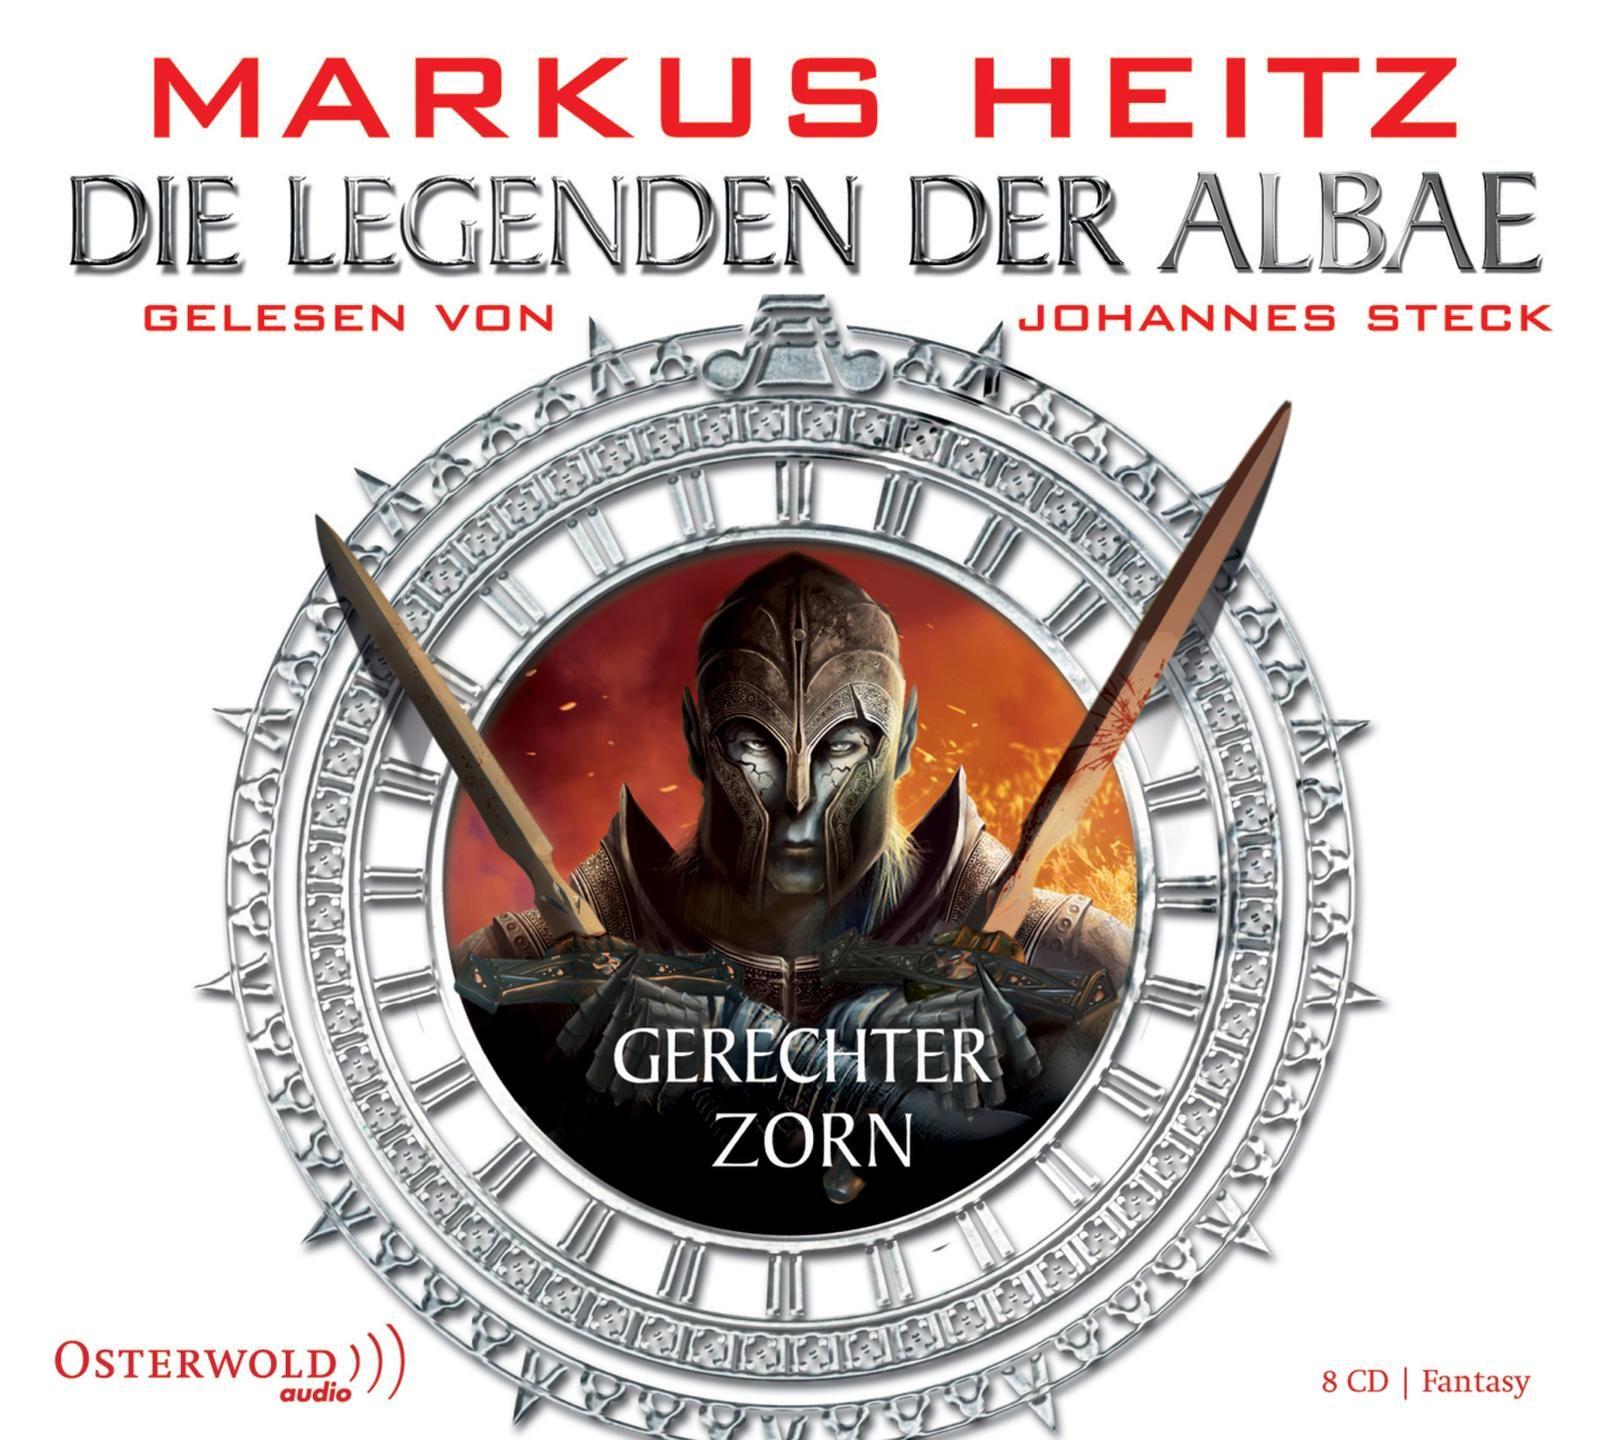 NEU-Die-Legenden-der-Albae-Markus-Heitz-520087